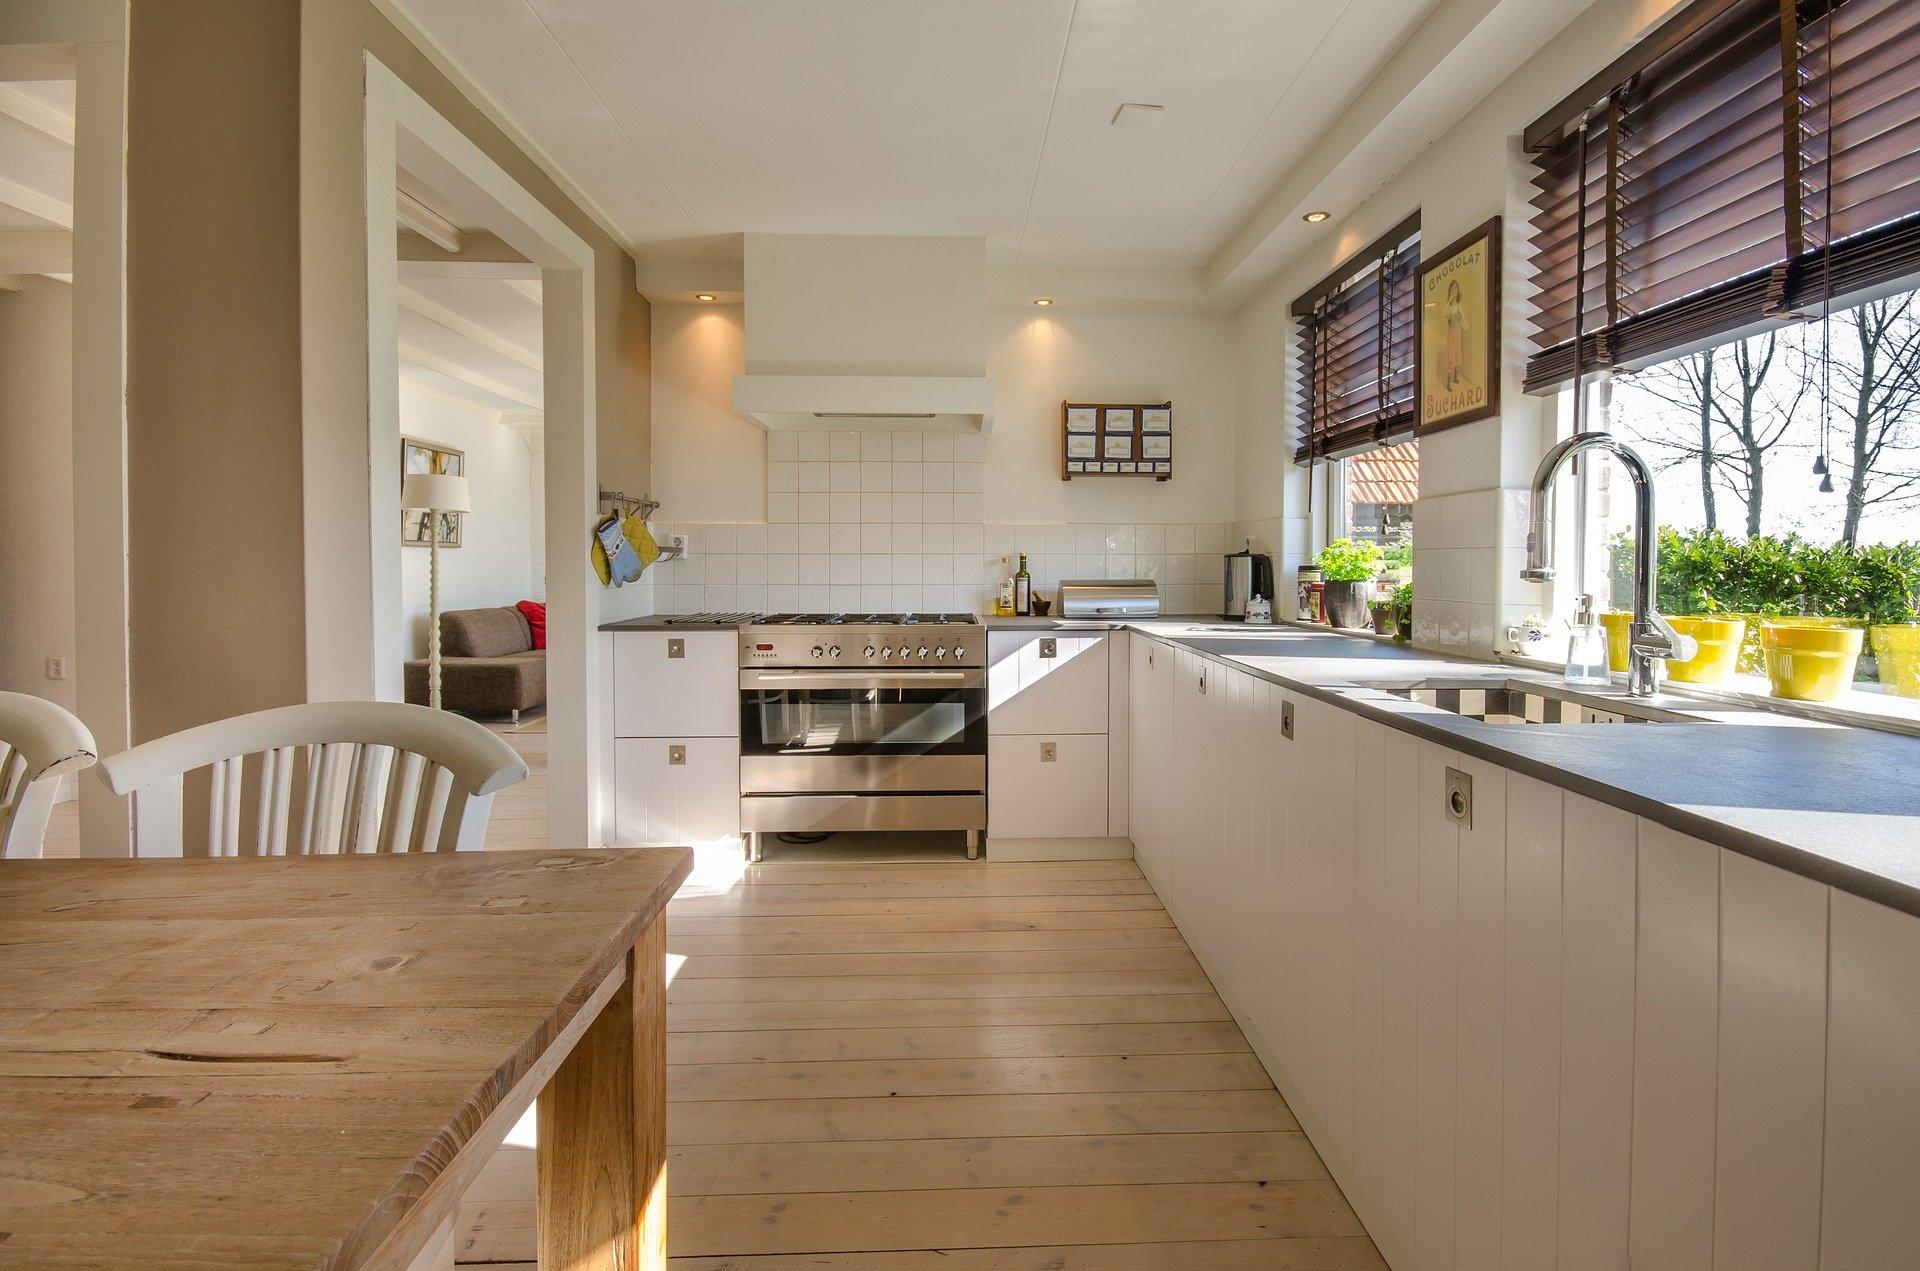 decoração-de-cozinha-pequena